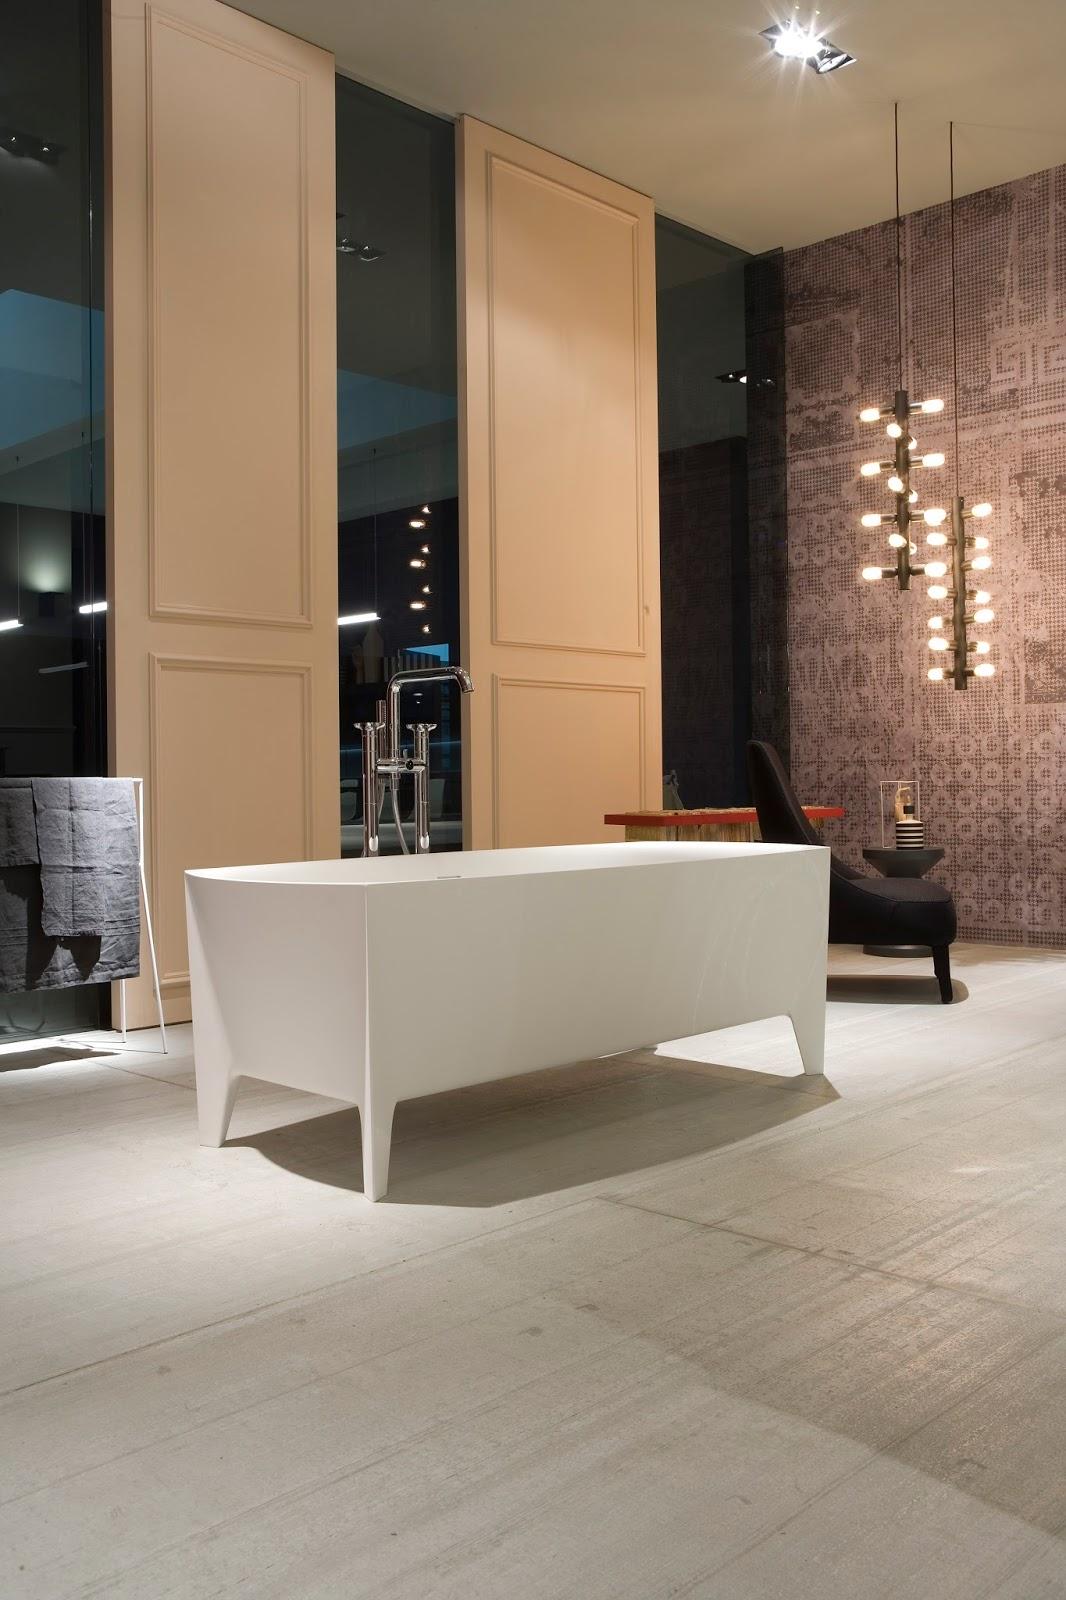 Minosa: iSalone & Milan design week 2014 - Wrap up Bagno